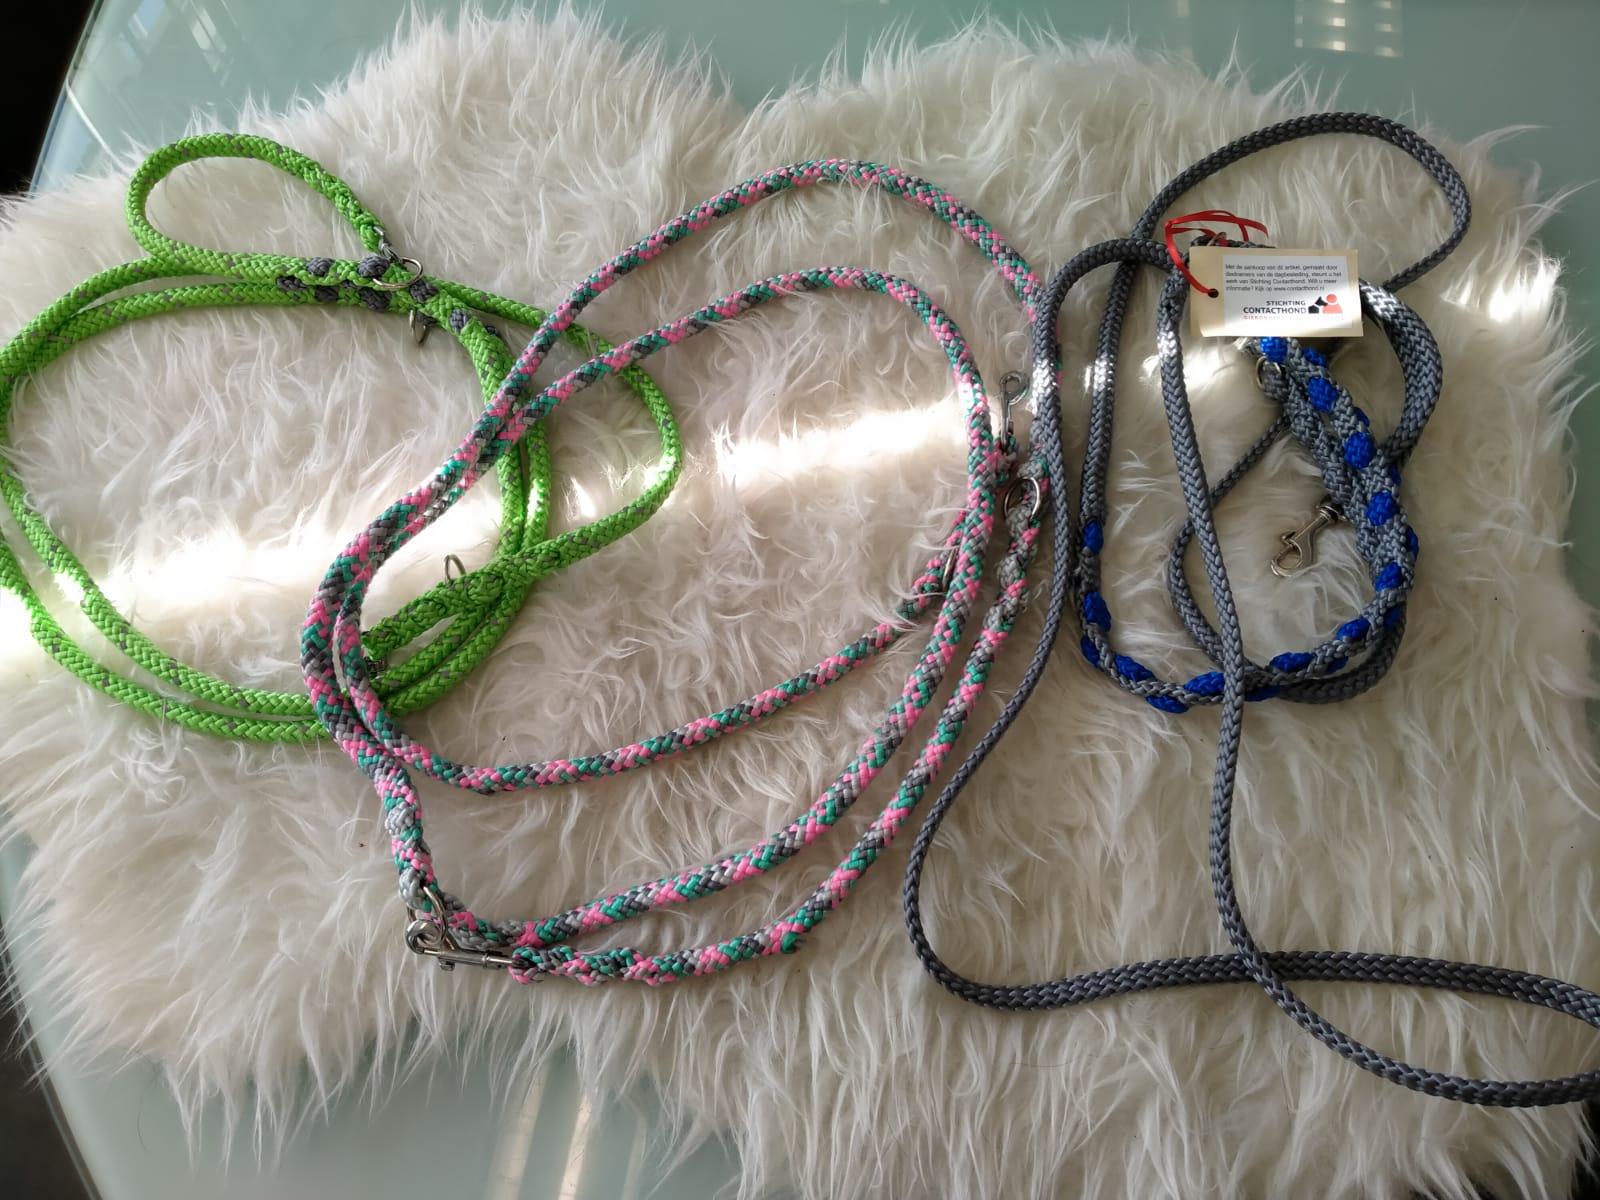 PPM touw is glanzend, soepel en voelt zacht. Het is licht en neemt zeer gering water op. Blijft drijven, droogt snel, wordt niet snel vies en is bestand tegen schimmel en rot (OEKO-TEX® keurmerk).